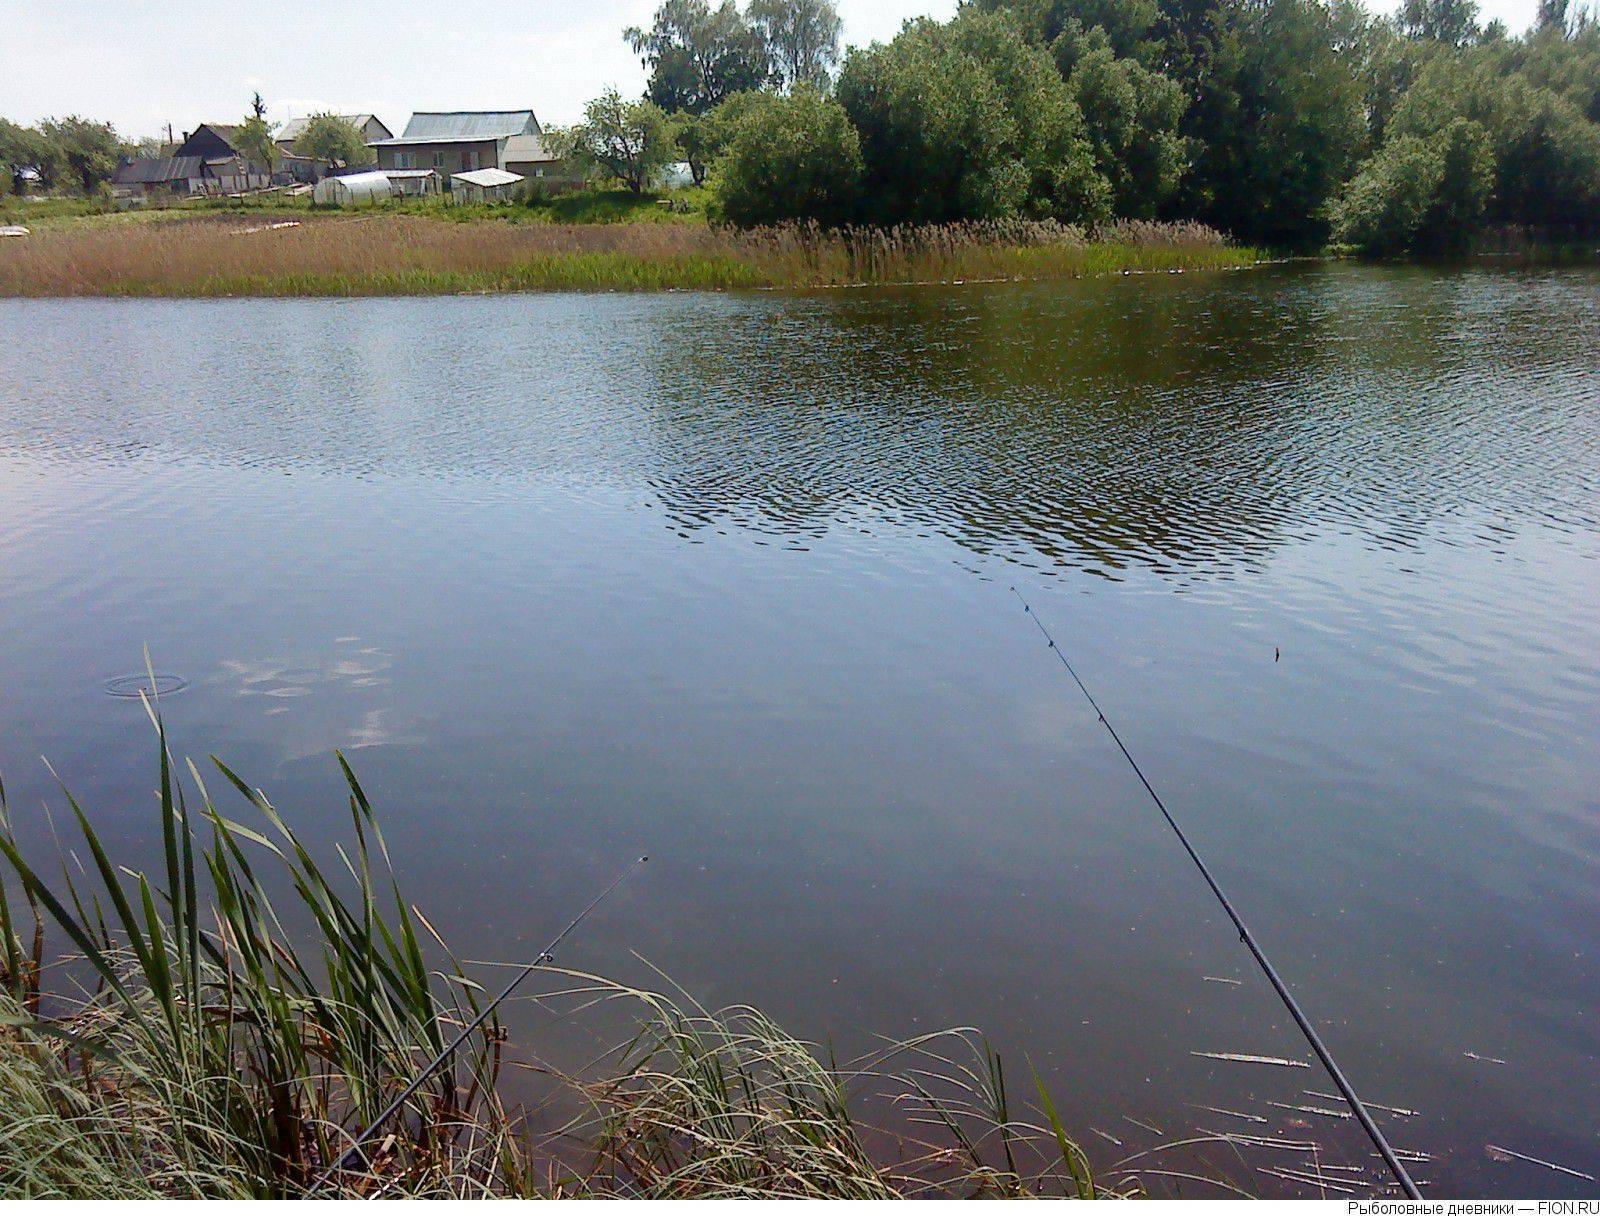 Рыбалка на оке в рязанской области: видео, отчеты, базы, места, волосово, рыбалка в сентябре.